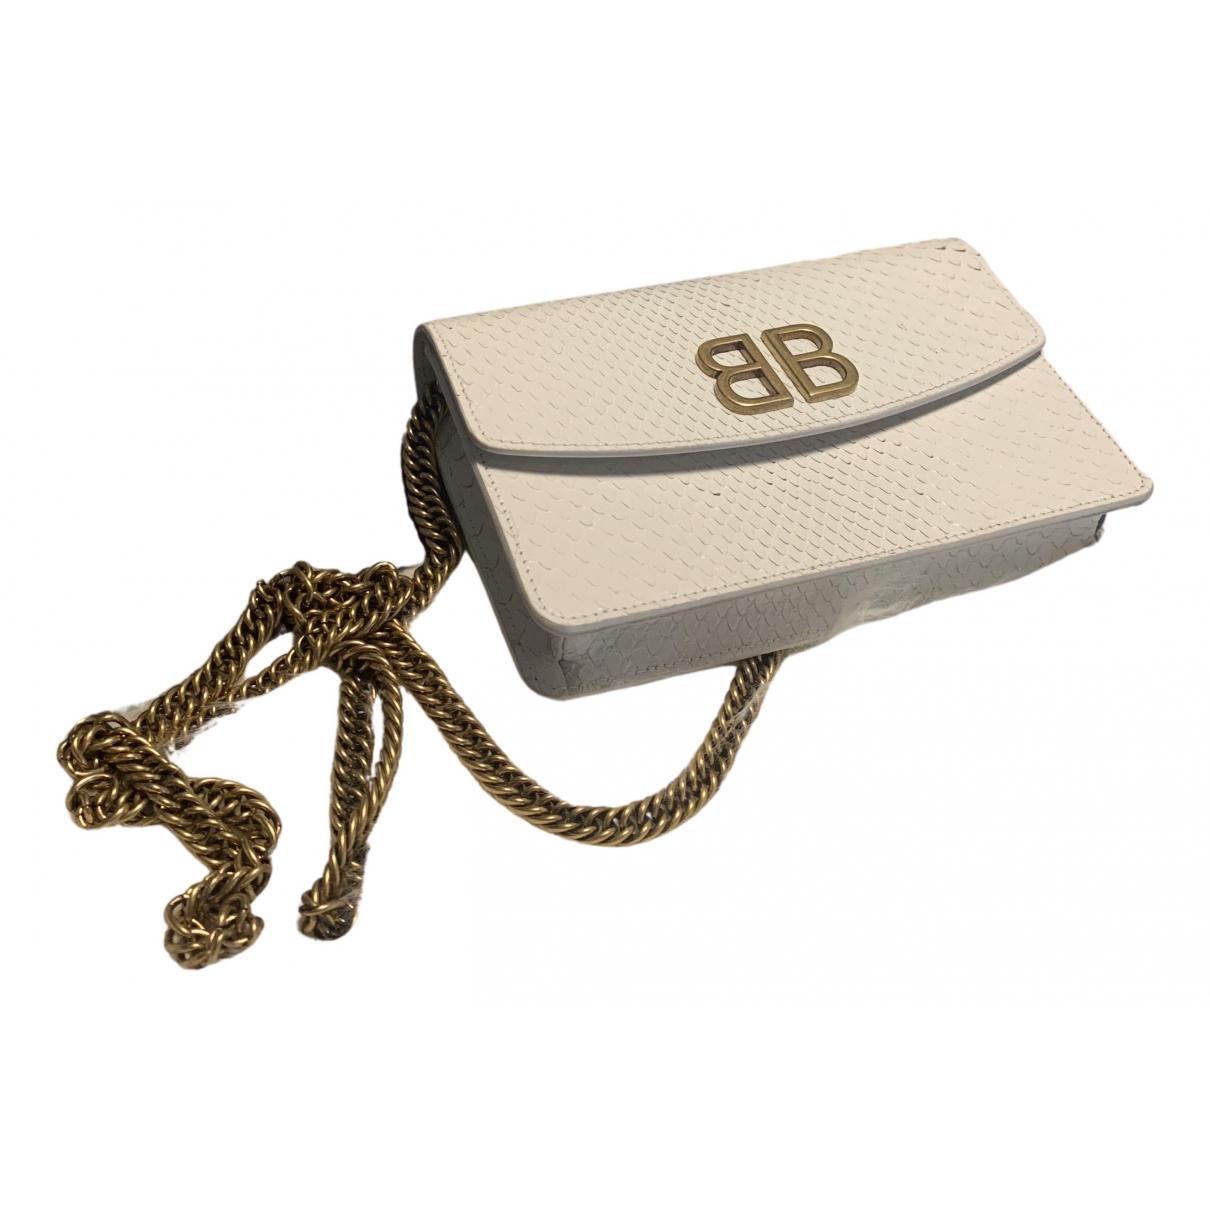 Balenciaga BB chain White Lizard handbag for Women N